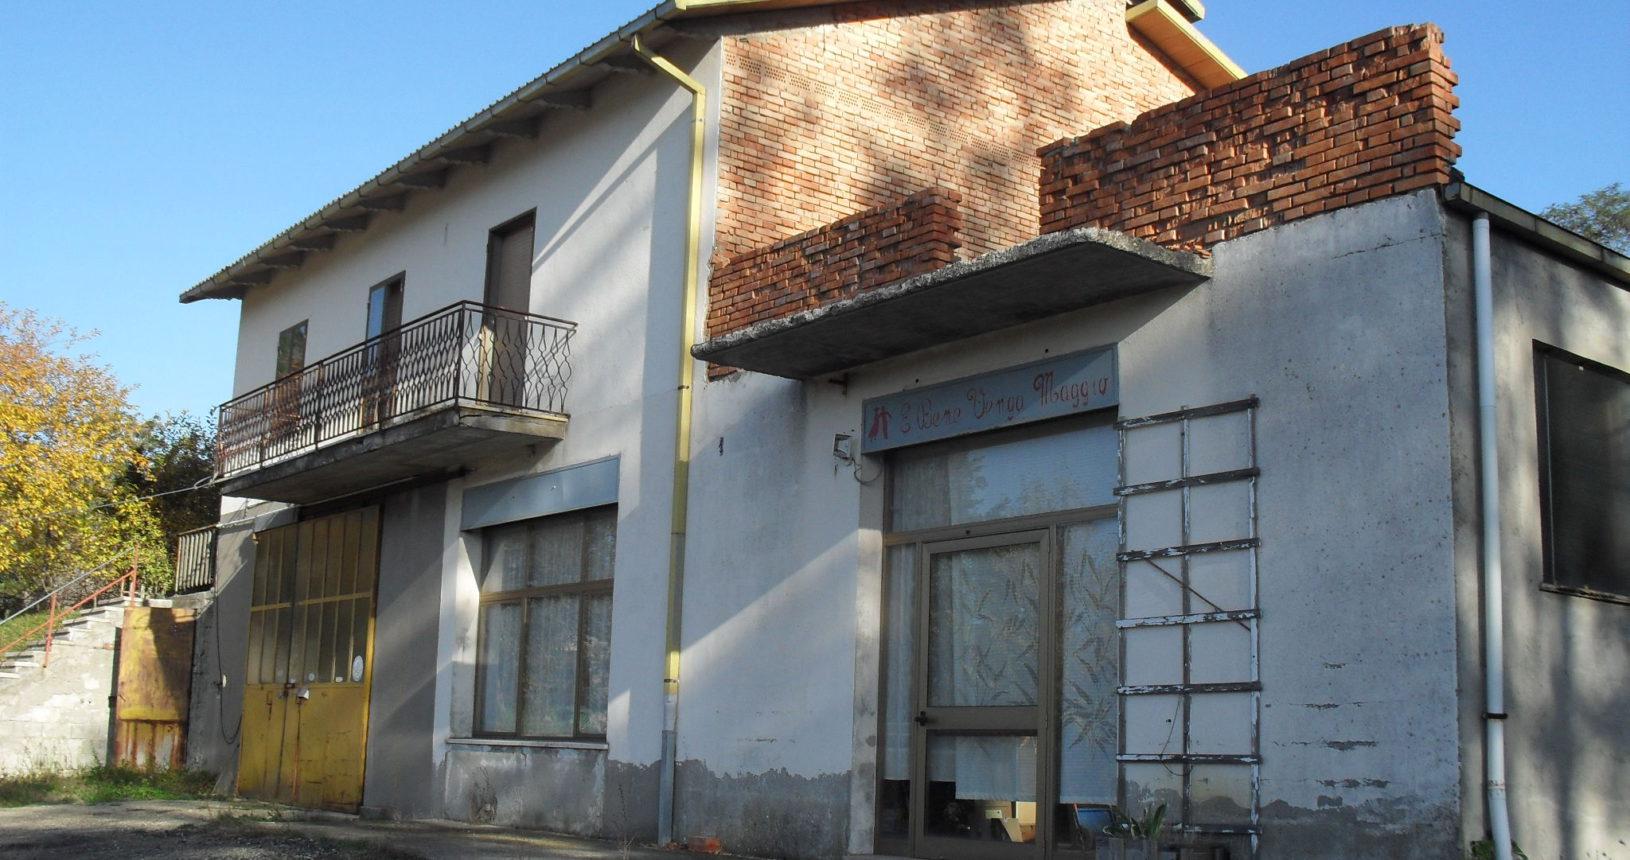 Ristrutturazione edilizia con cambio d'uso